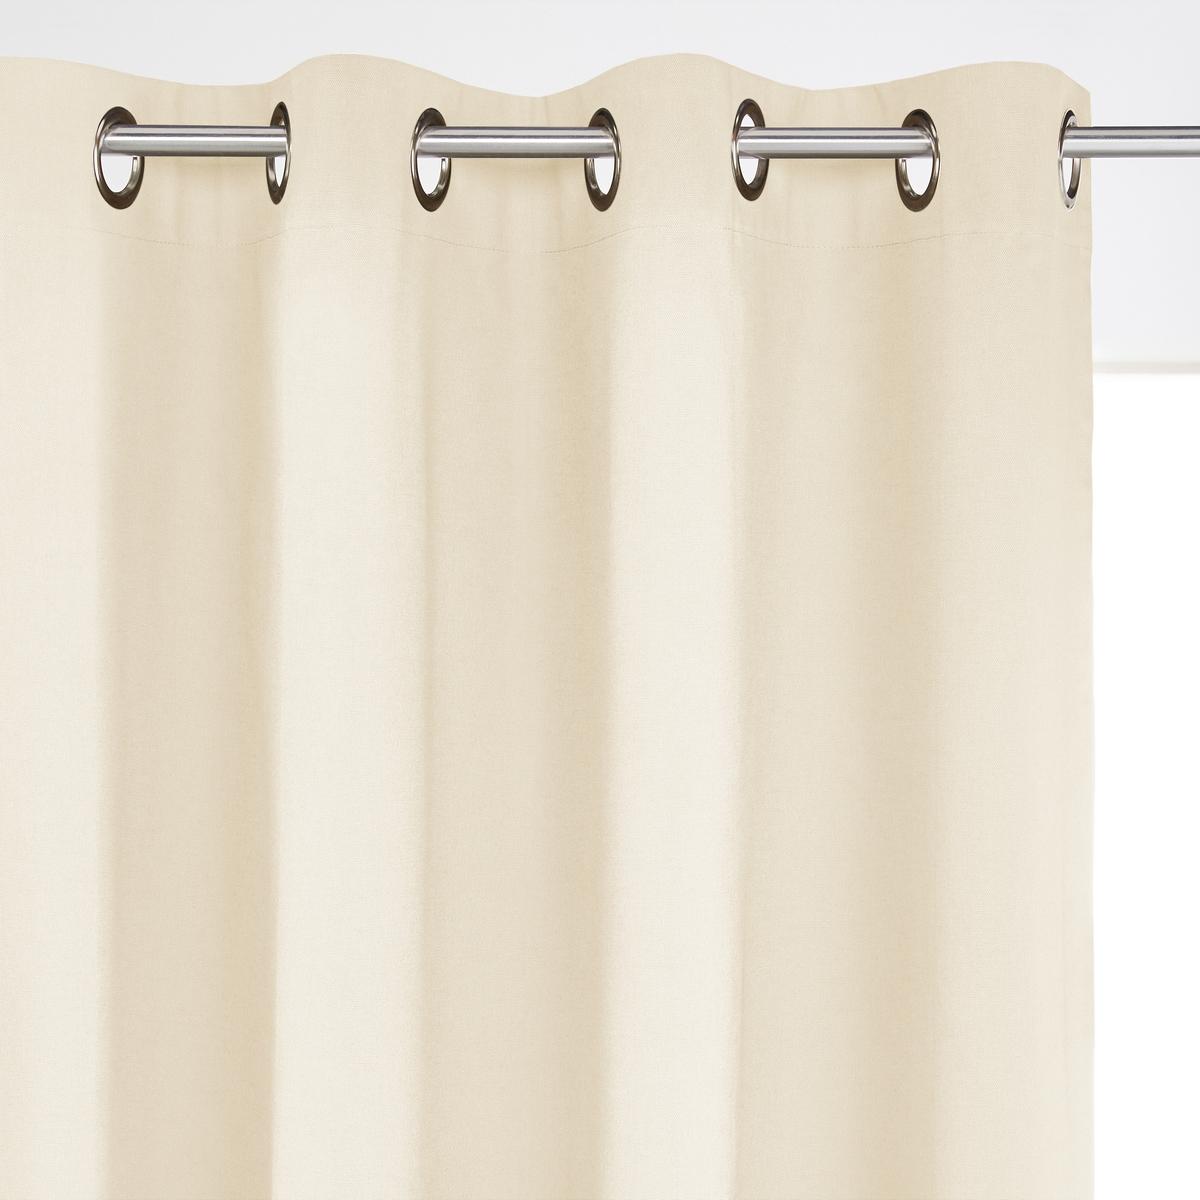 Штора затемняющая 100% хлопок с люверсамиПроизводство осуществляется с учетом стандартов по защите окружающей среды и здоровья человека, что подтверждено сертификатом Oeko-tex®.                                  Размеры:               - 180 x 135 см                - 260 x 135 см          - 350 x 135 см<br><br>Цвет: вишневый,розовая пудра,серо-коричневый,серый жемчужный,сине-зеленый,темно-серый,темно-синий,экрю<br>Размер: 350 x 135  см.180 x 135  см.260 x 135 cm.180 x 135  см.260 x 135 cm